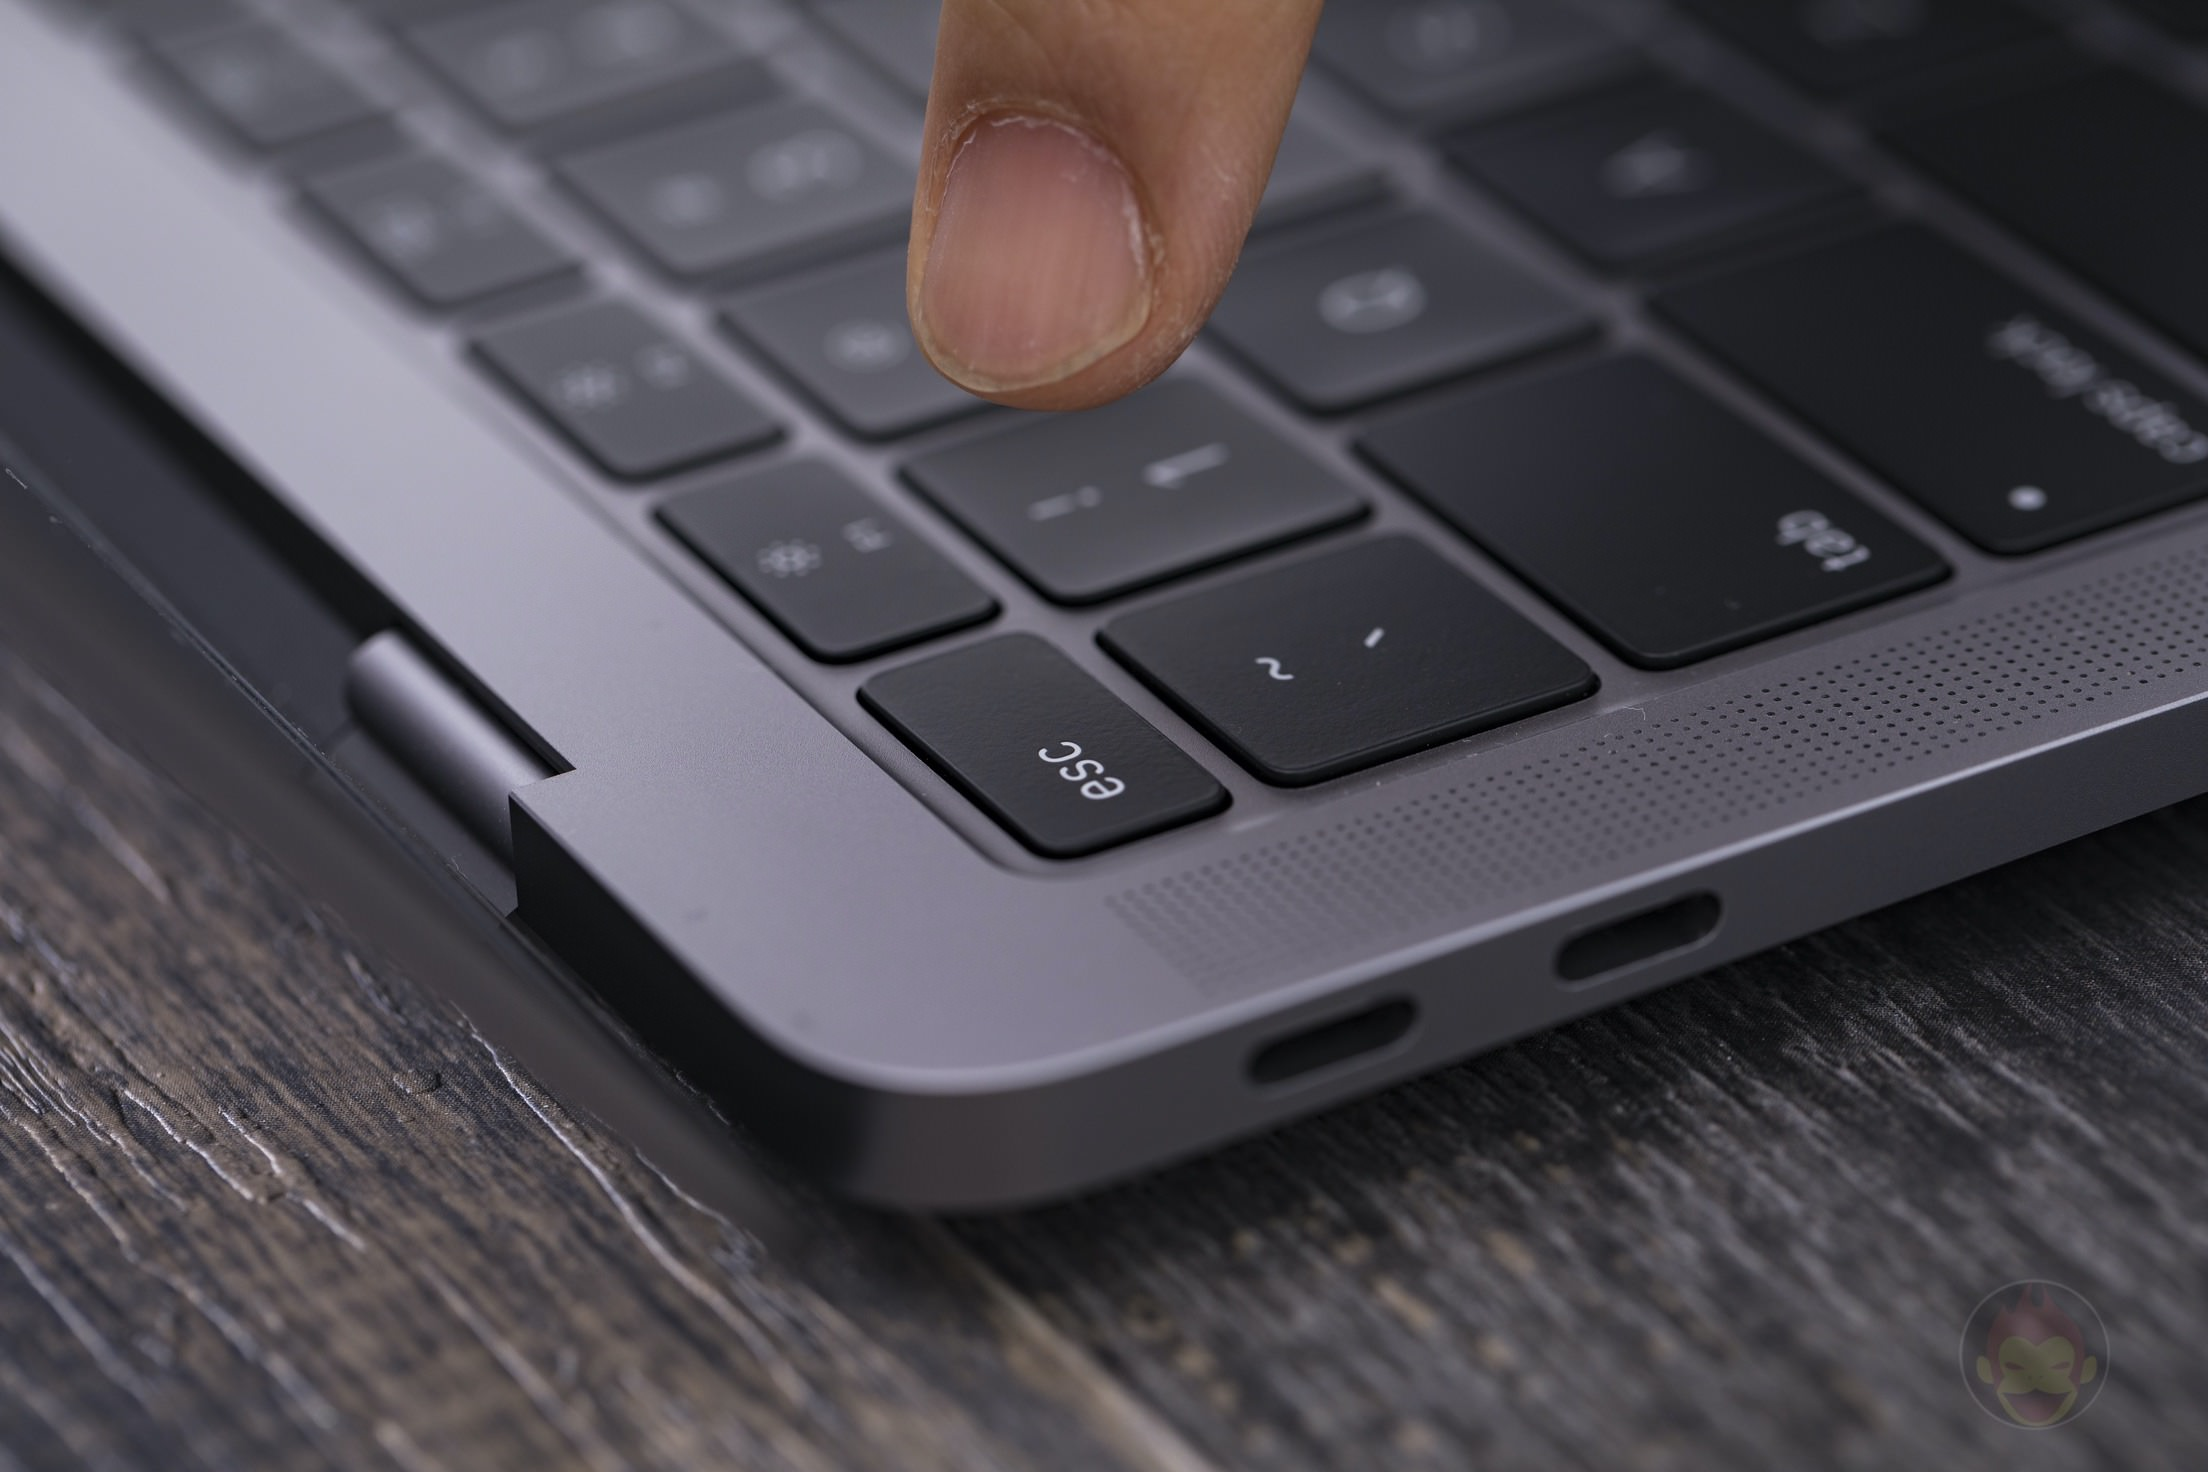 MacBook-Air-2018-GoriMe-Review-15.jpg